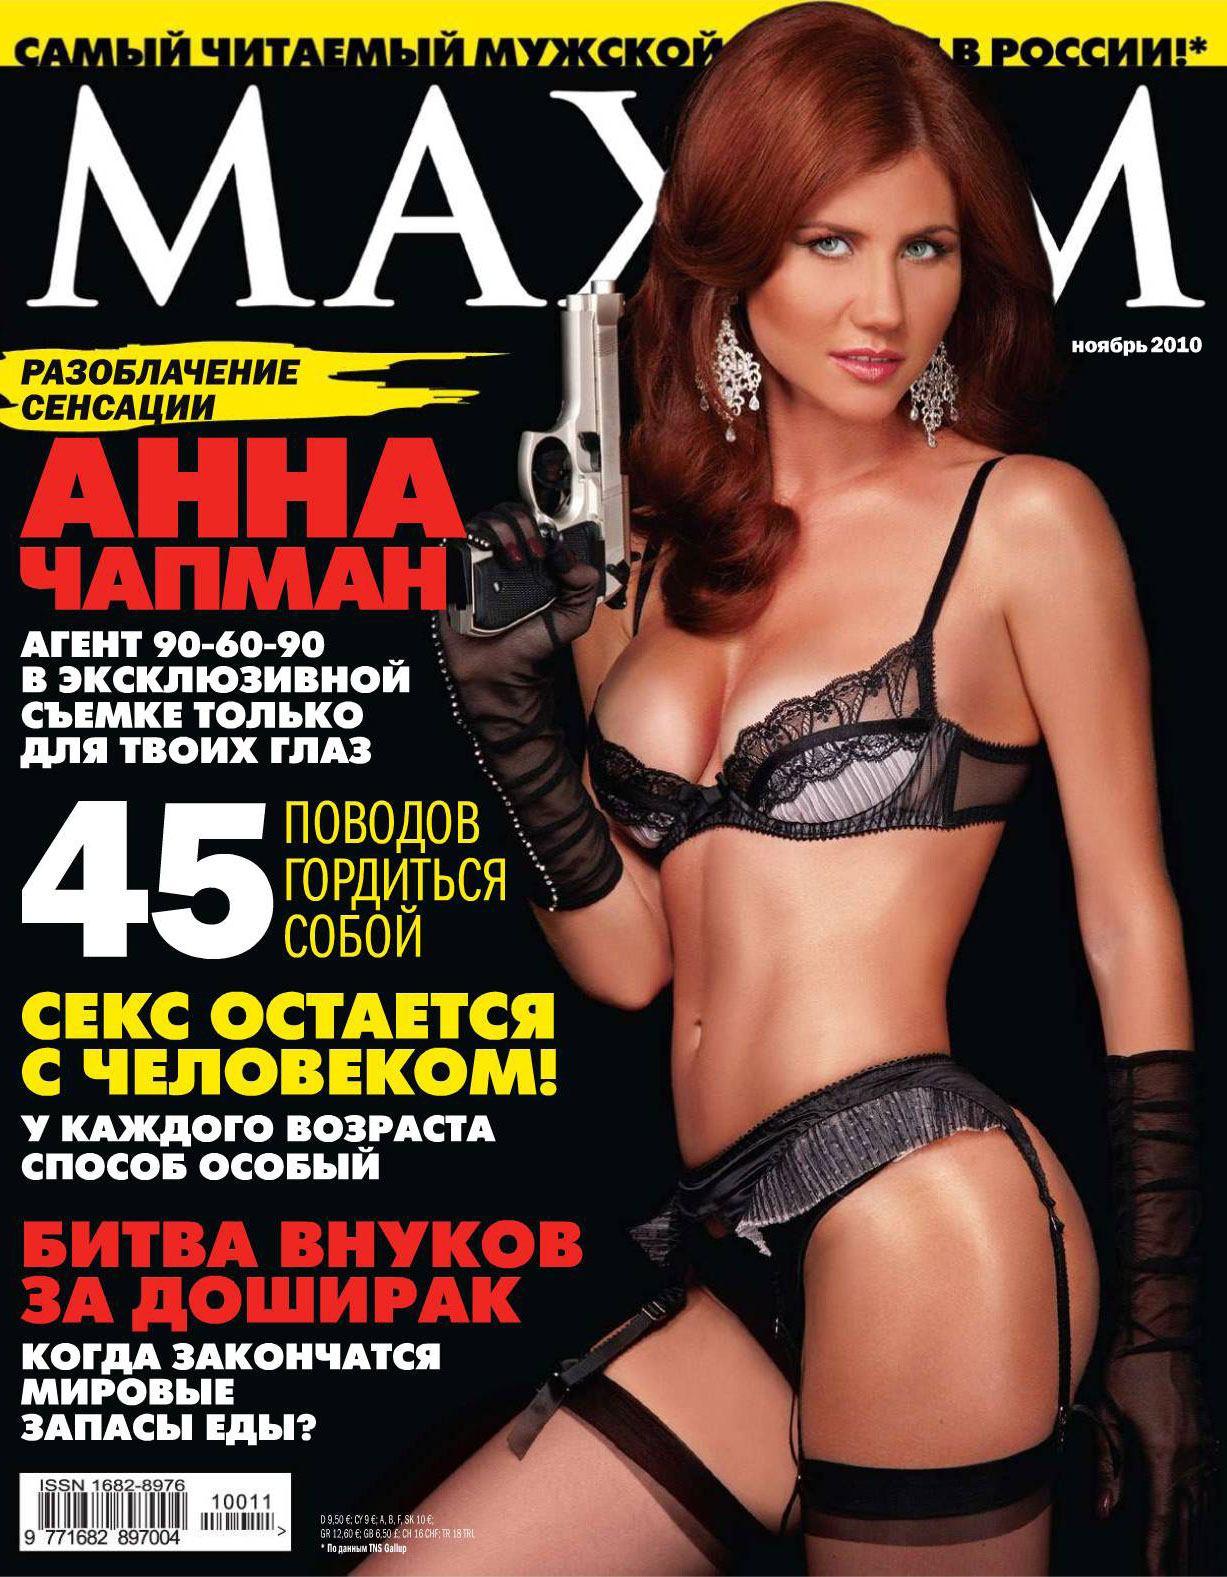 Фотки девушек раздетых maxim 4 фотография